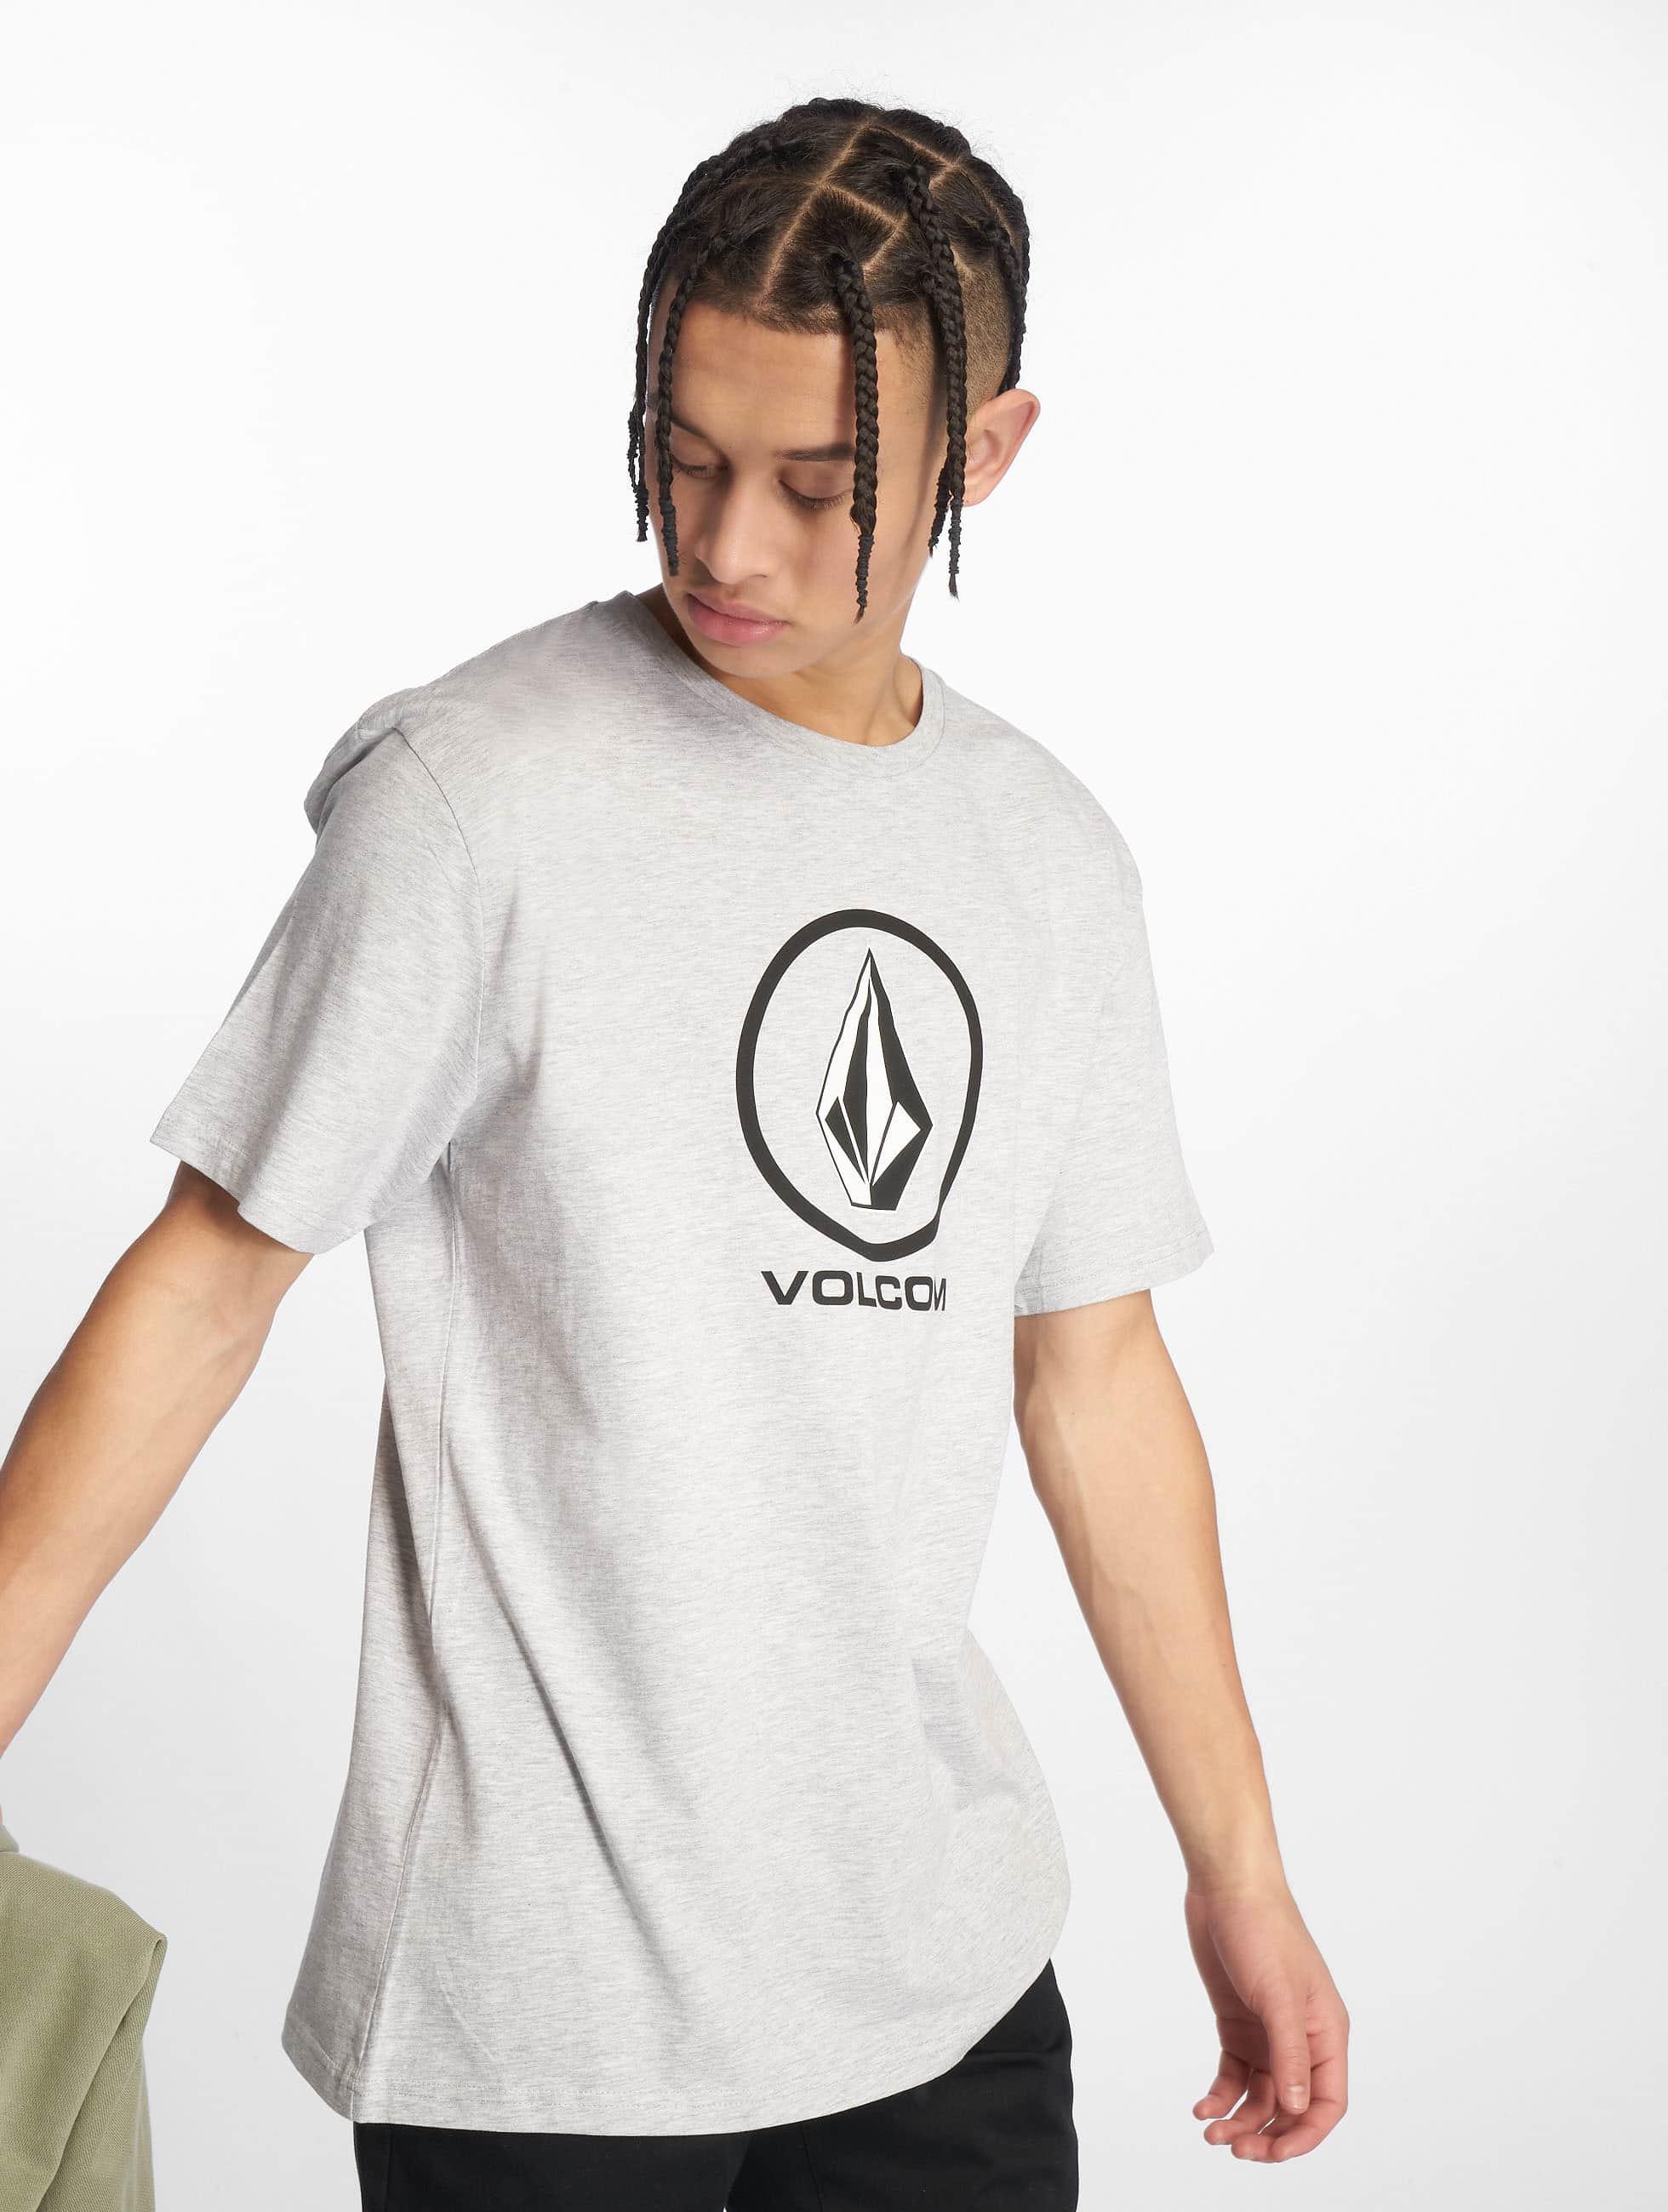 wholesale dealer 2c1fc 4625d Volcom Yläosat   Crisp Stone T-paidat   harmaa 625979